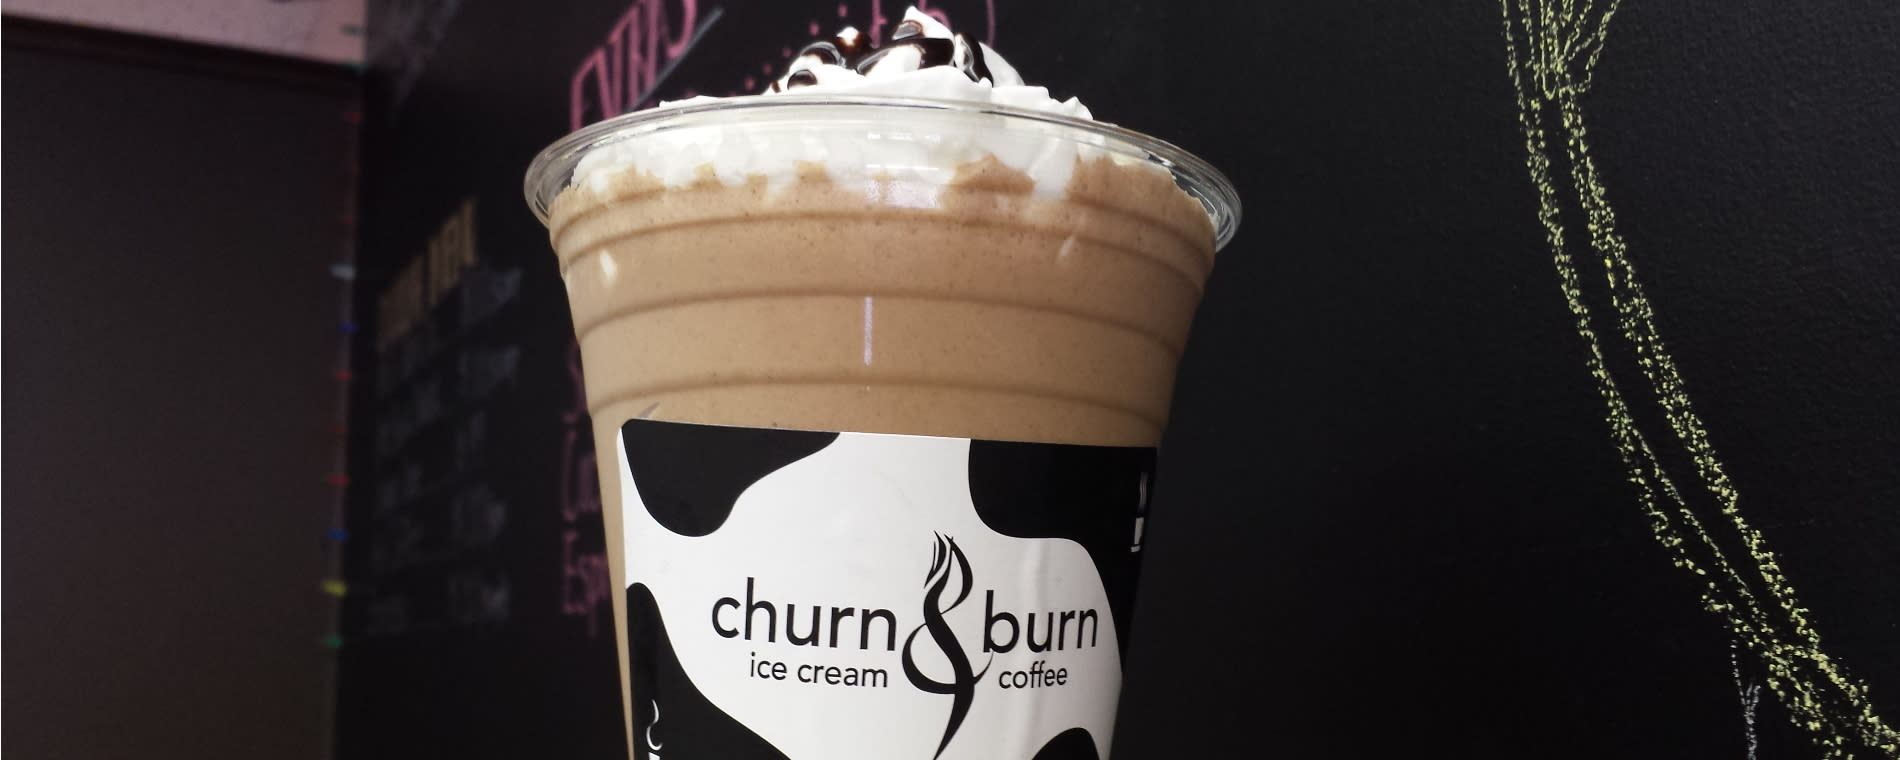 Churn & Burn Coffee Drink